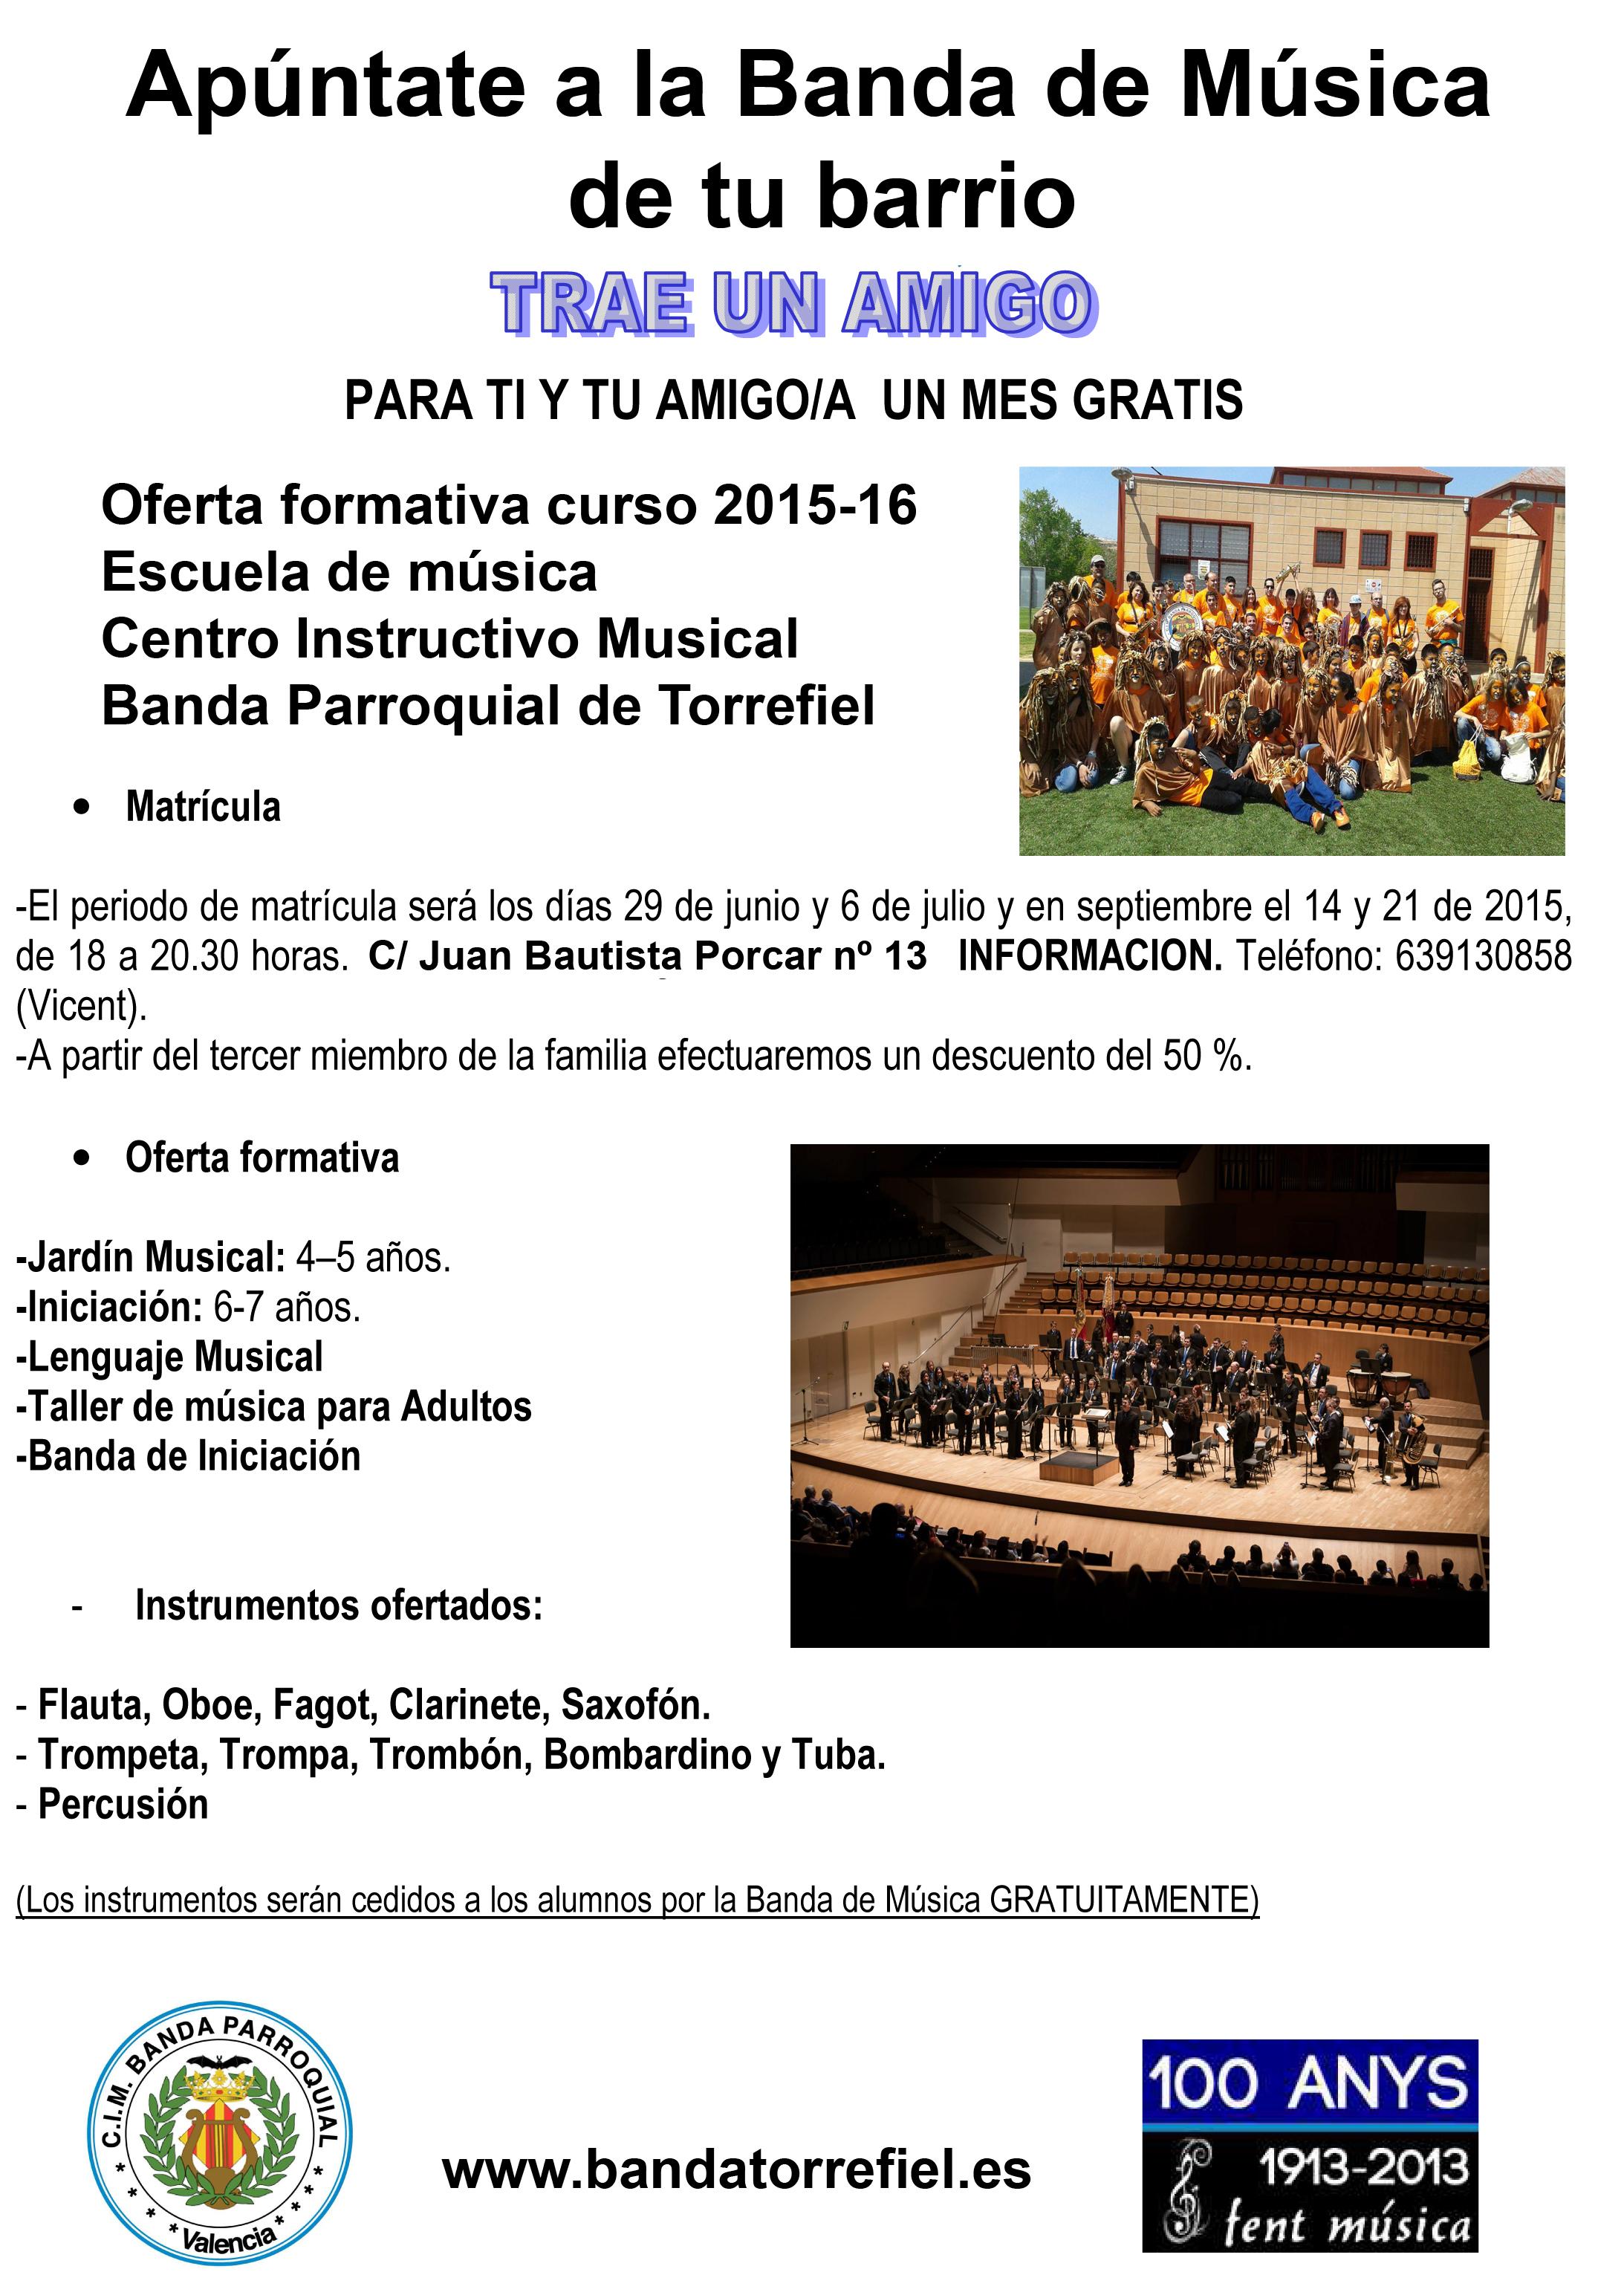 Oferta formativa curso 2015